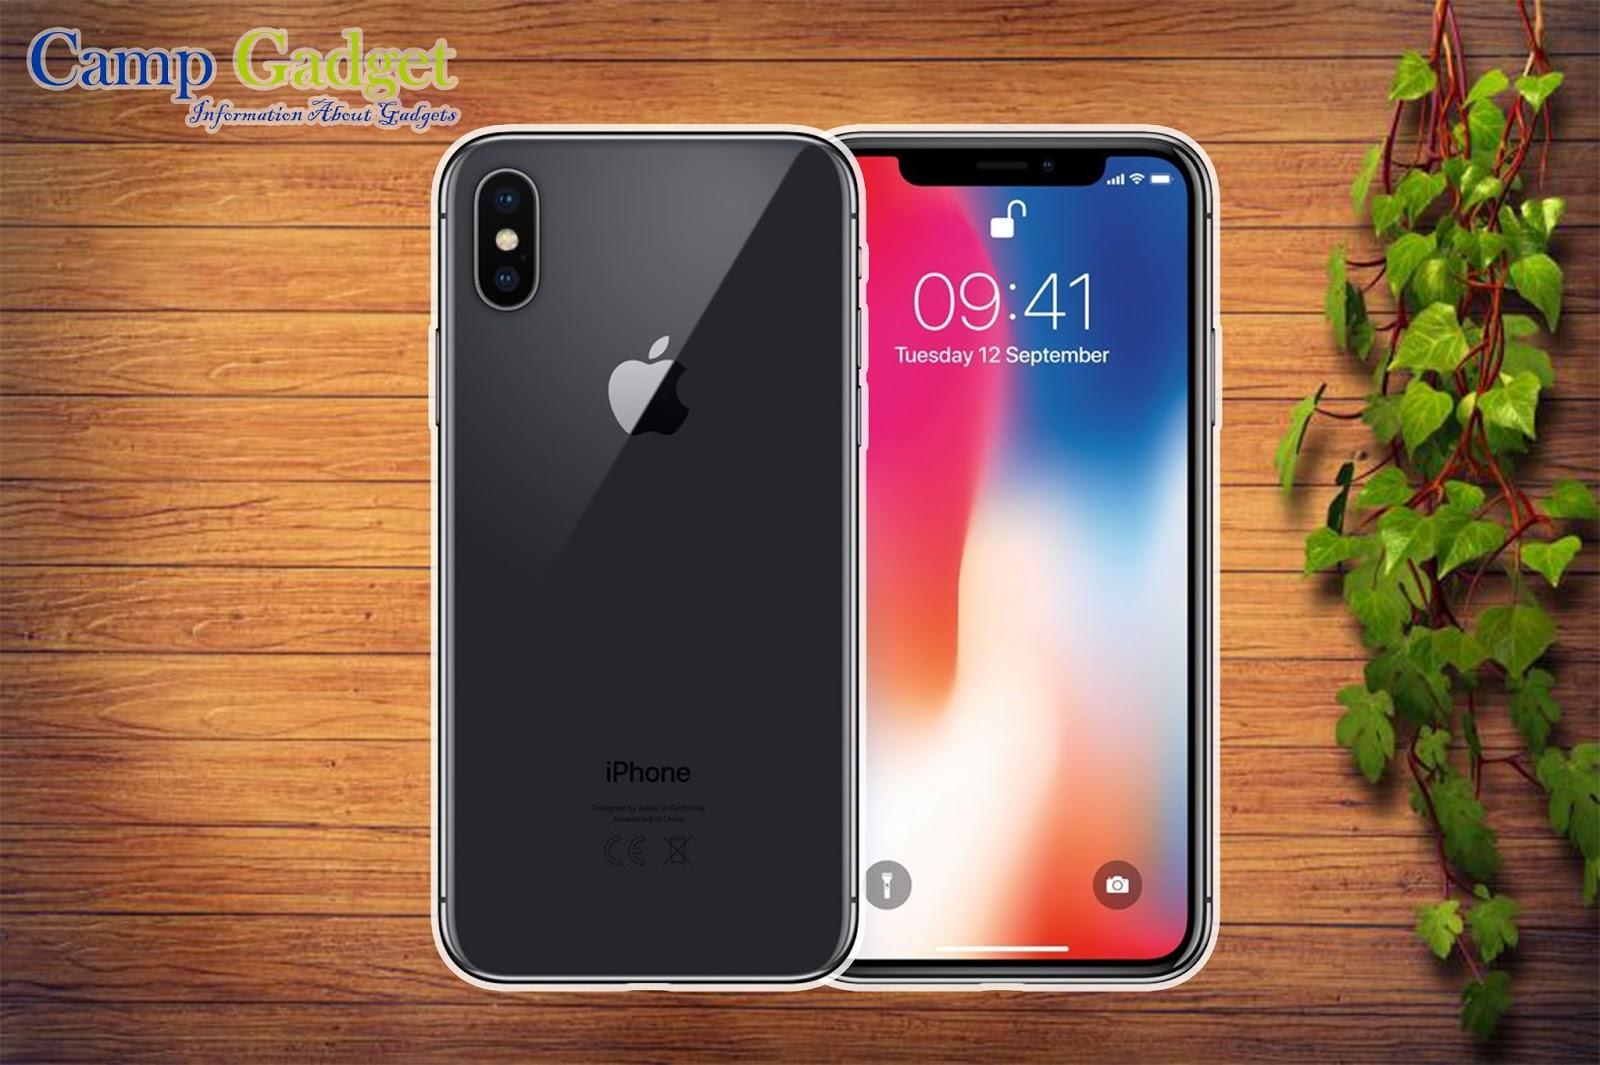 Spesifikasi dan Harga Apple iPhone X Terbaru 2018 - CampGadget